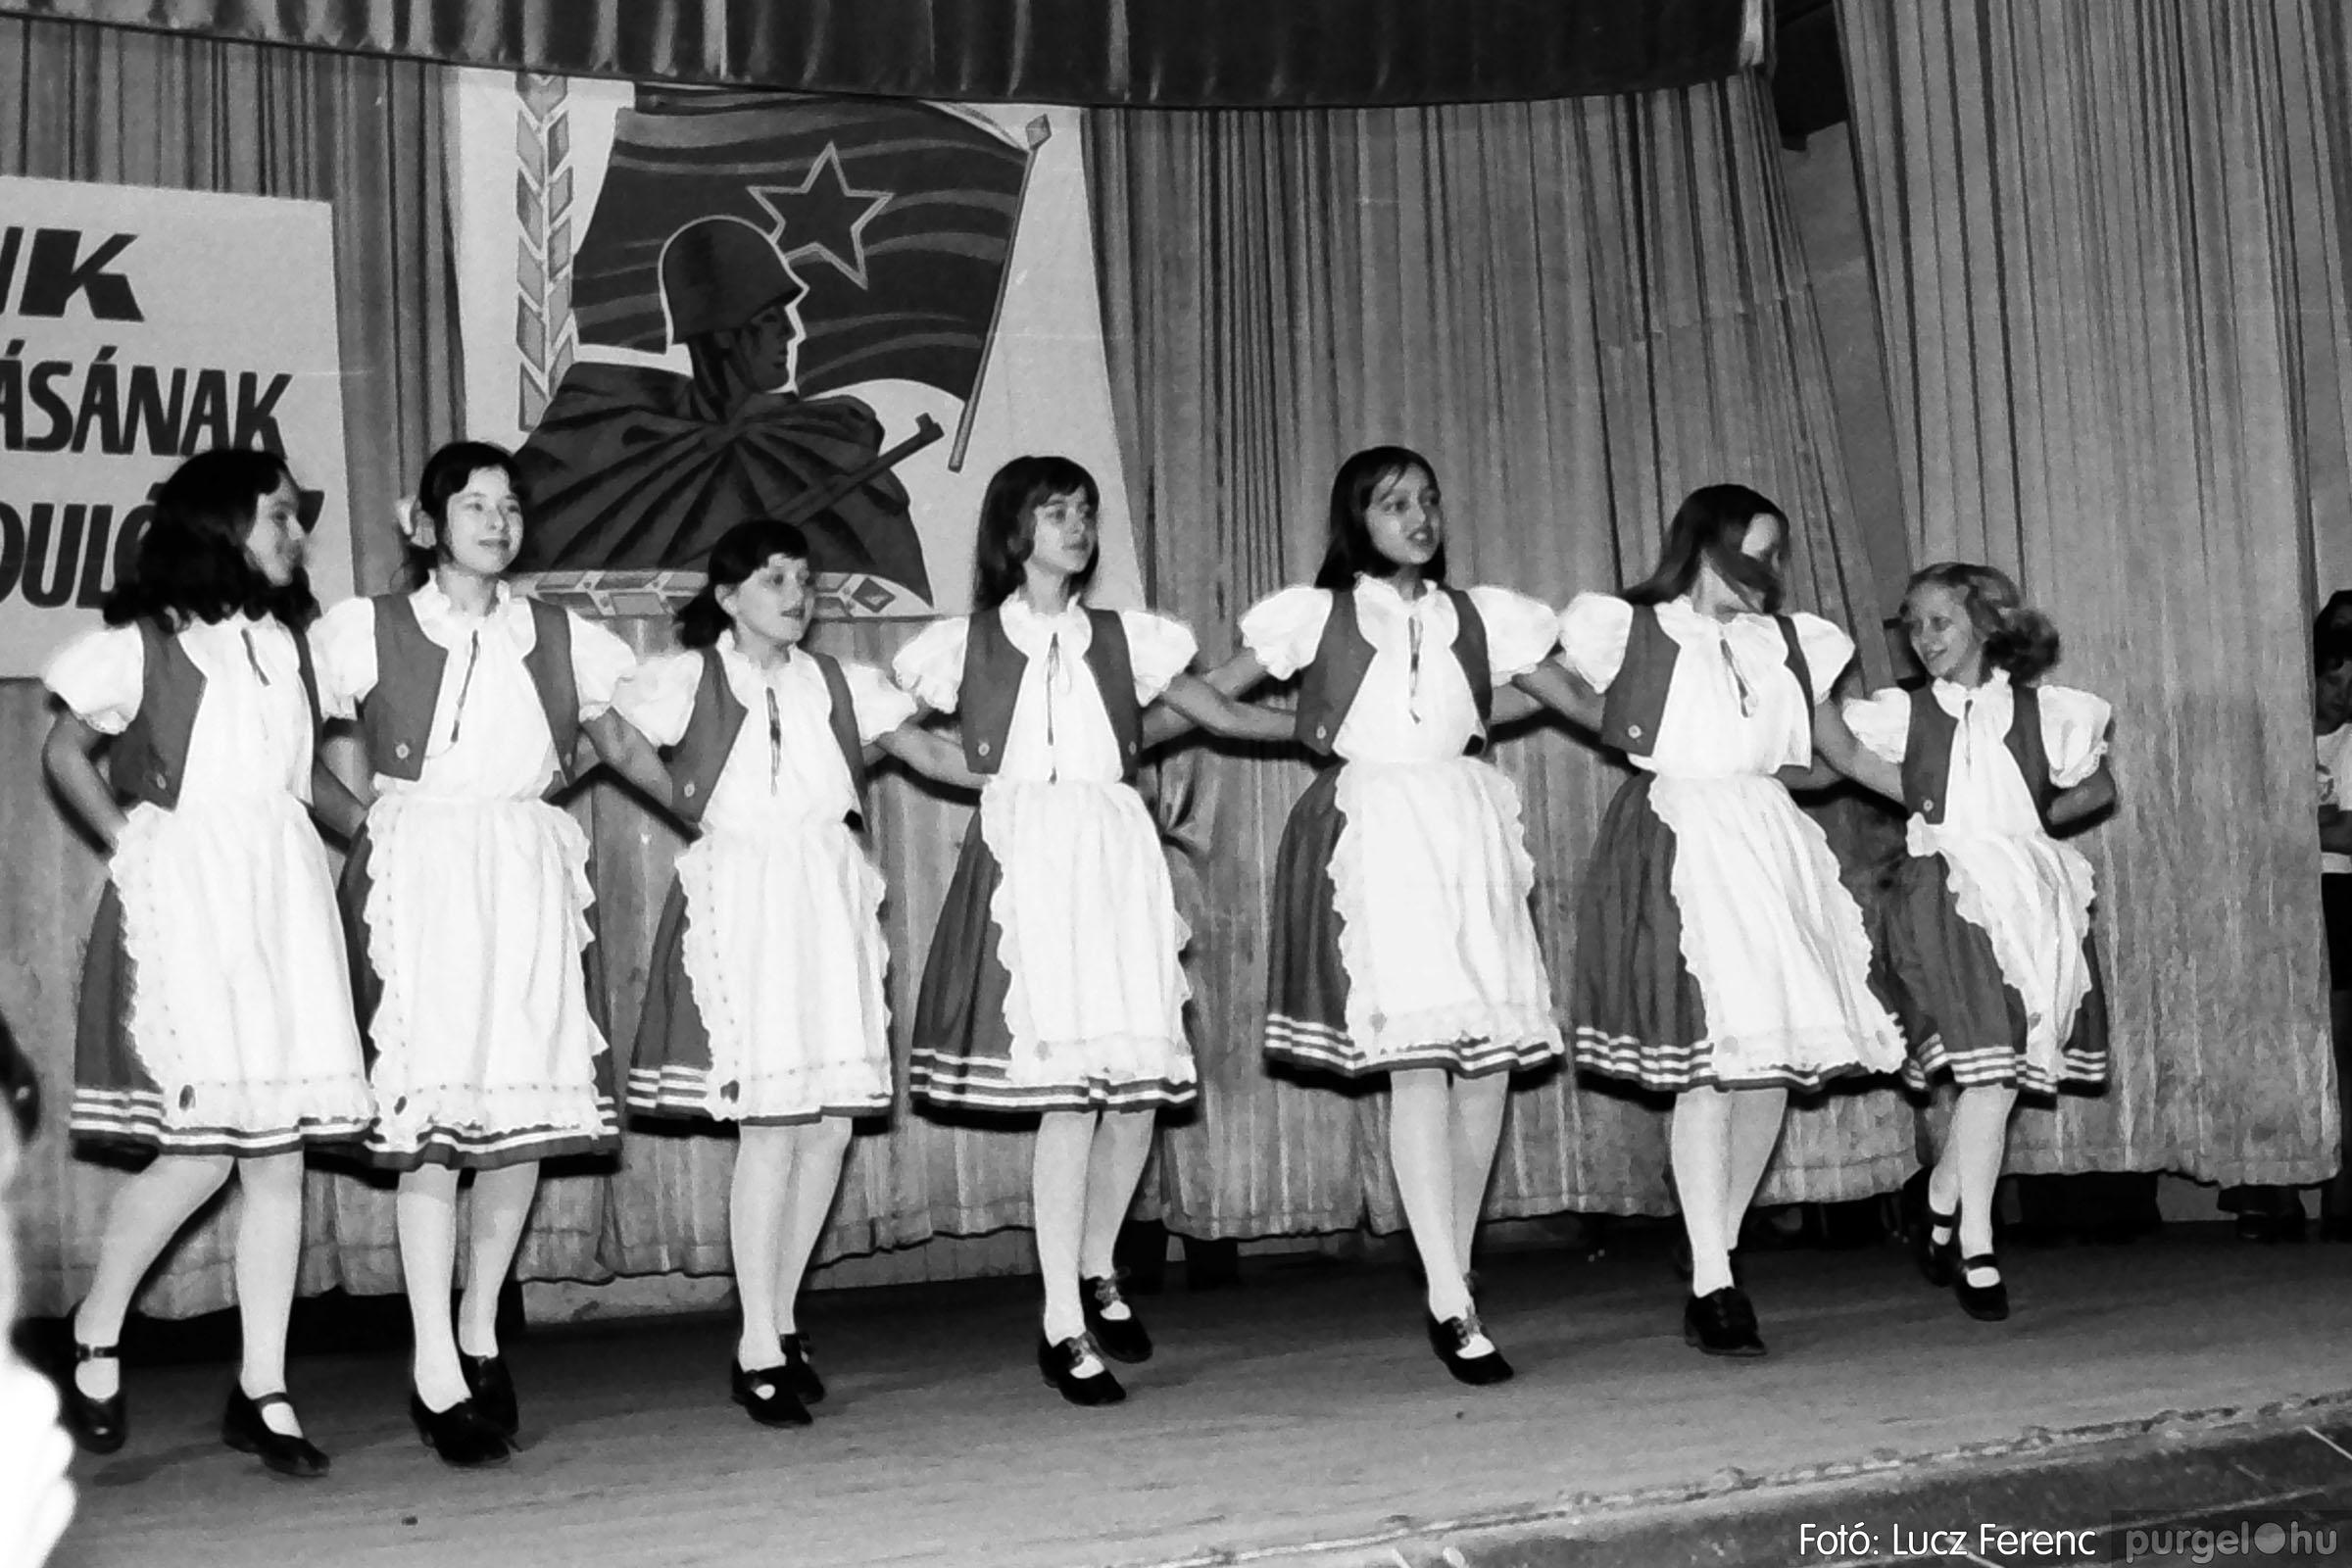 039. 1976.04.04. Április 4-i ünnepség a kultúrházban 029. - Fotó: Lucz Ferenc.jpg